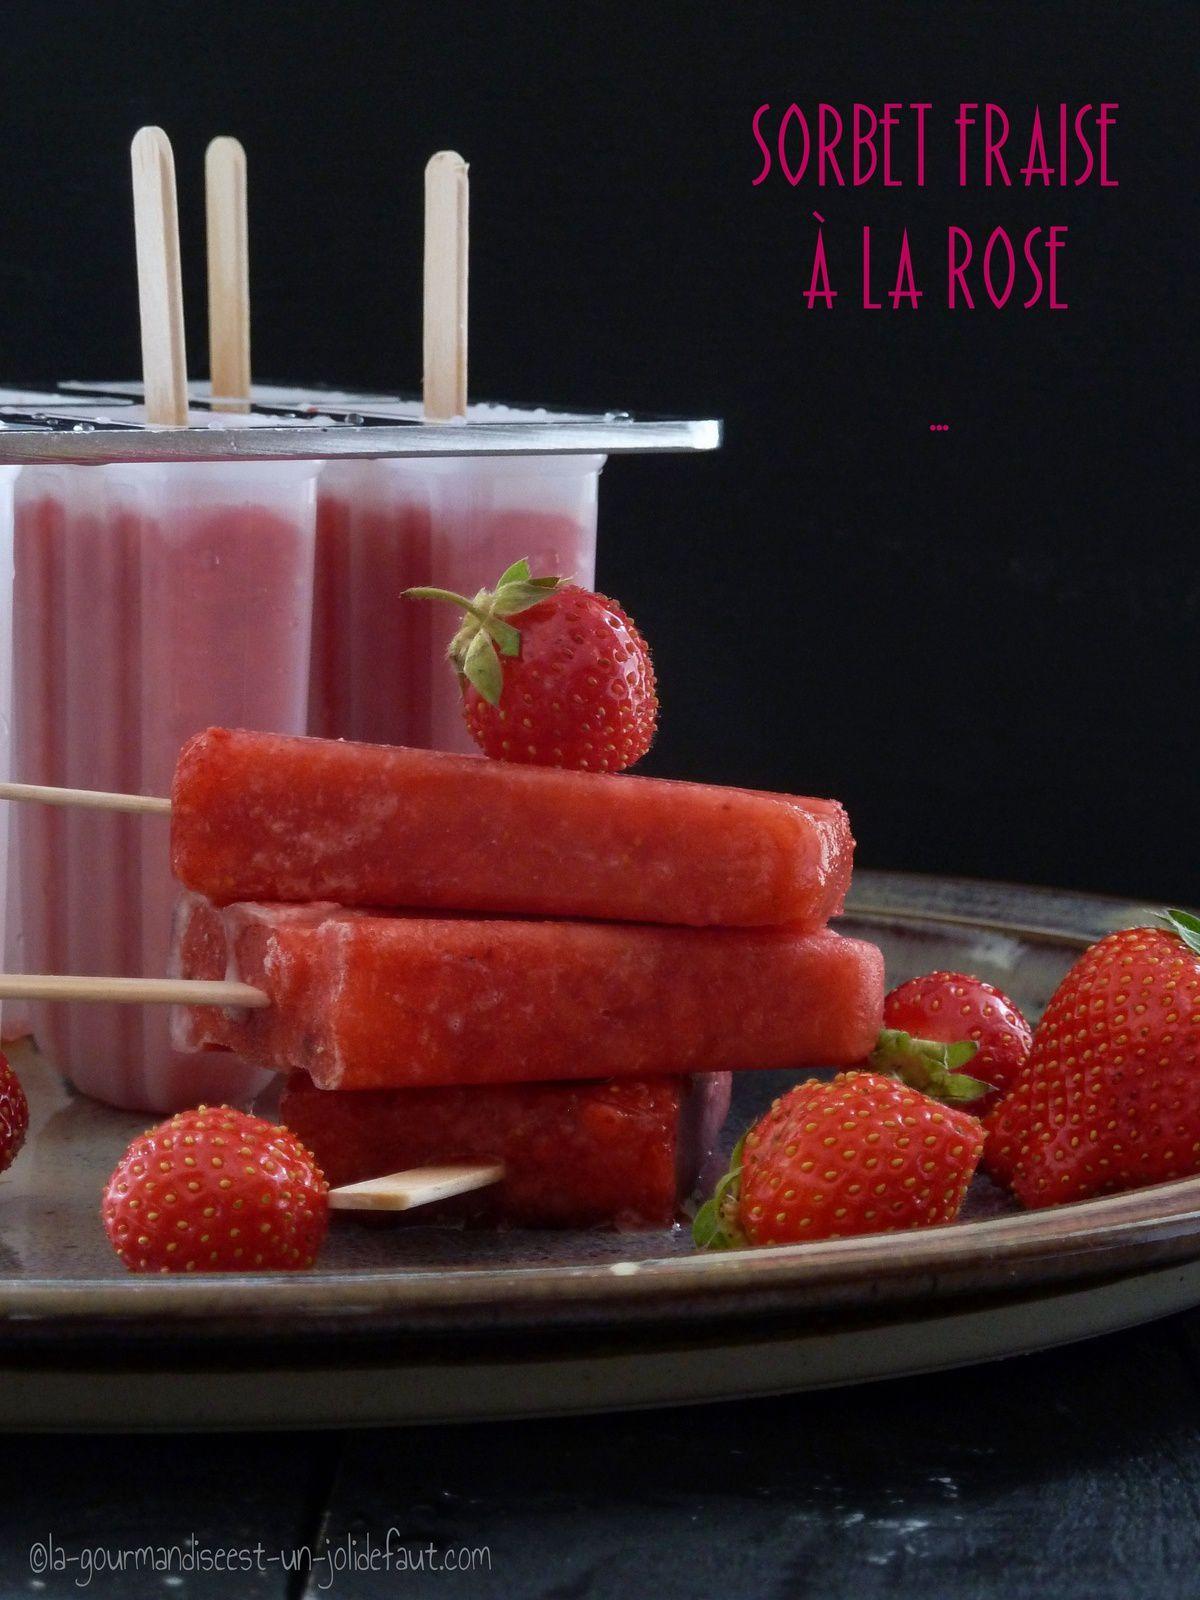 Sorbet fraise à la rose